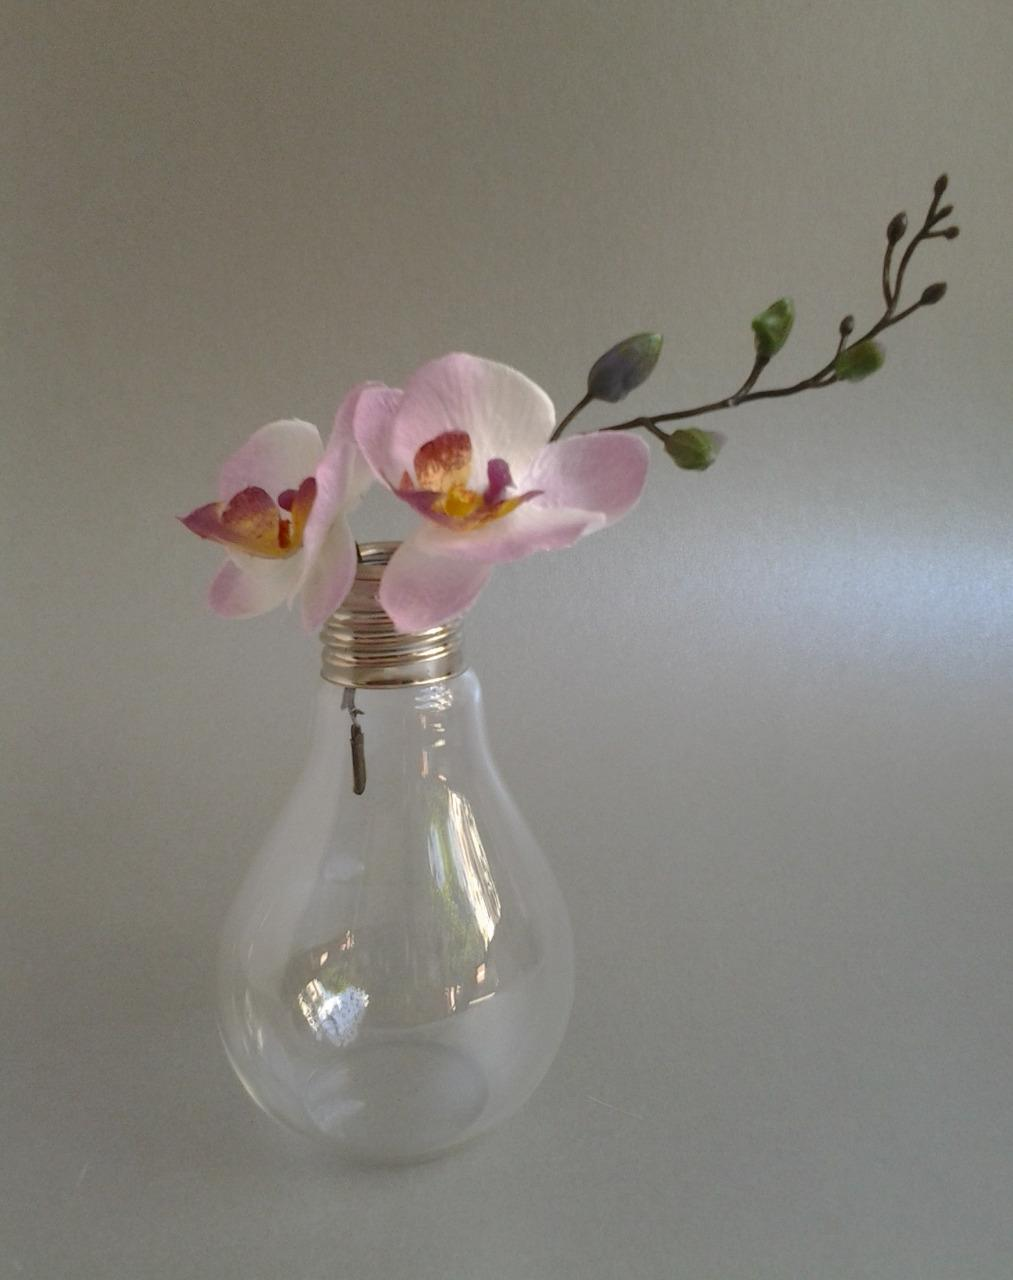 dizajnová sklenená váza v tvare žiarovky 7 x 11 cm